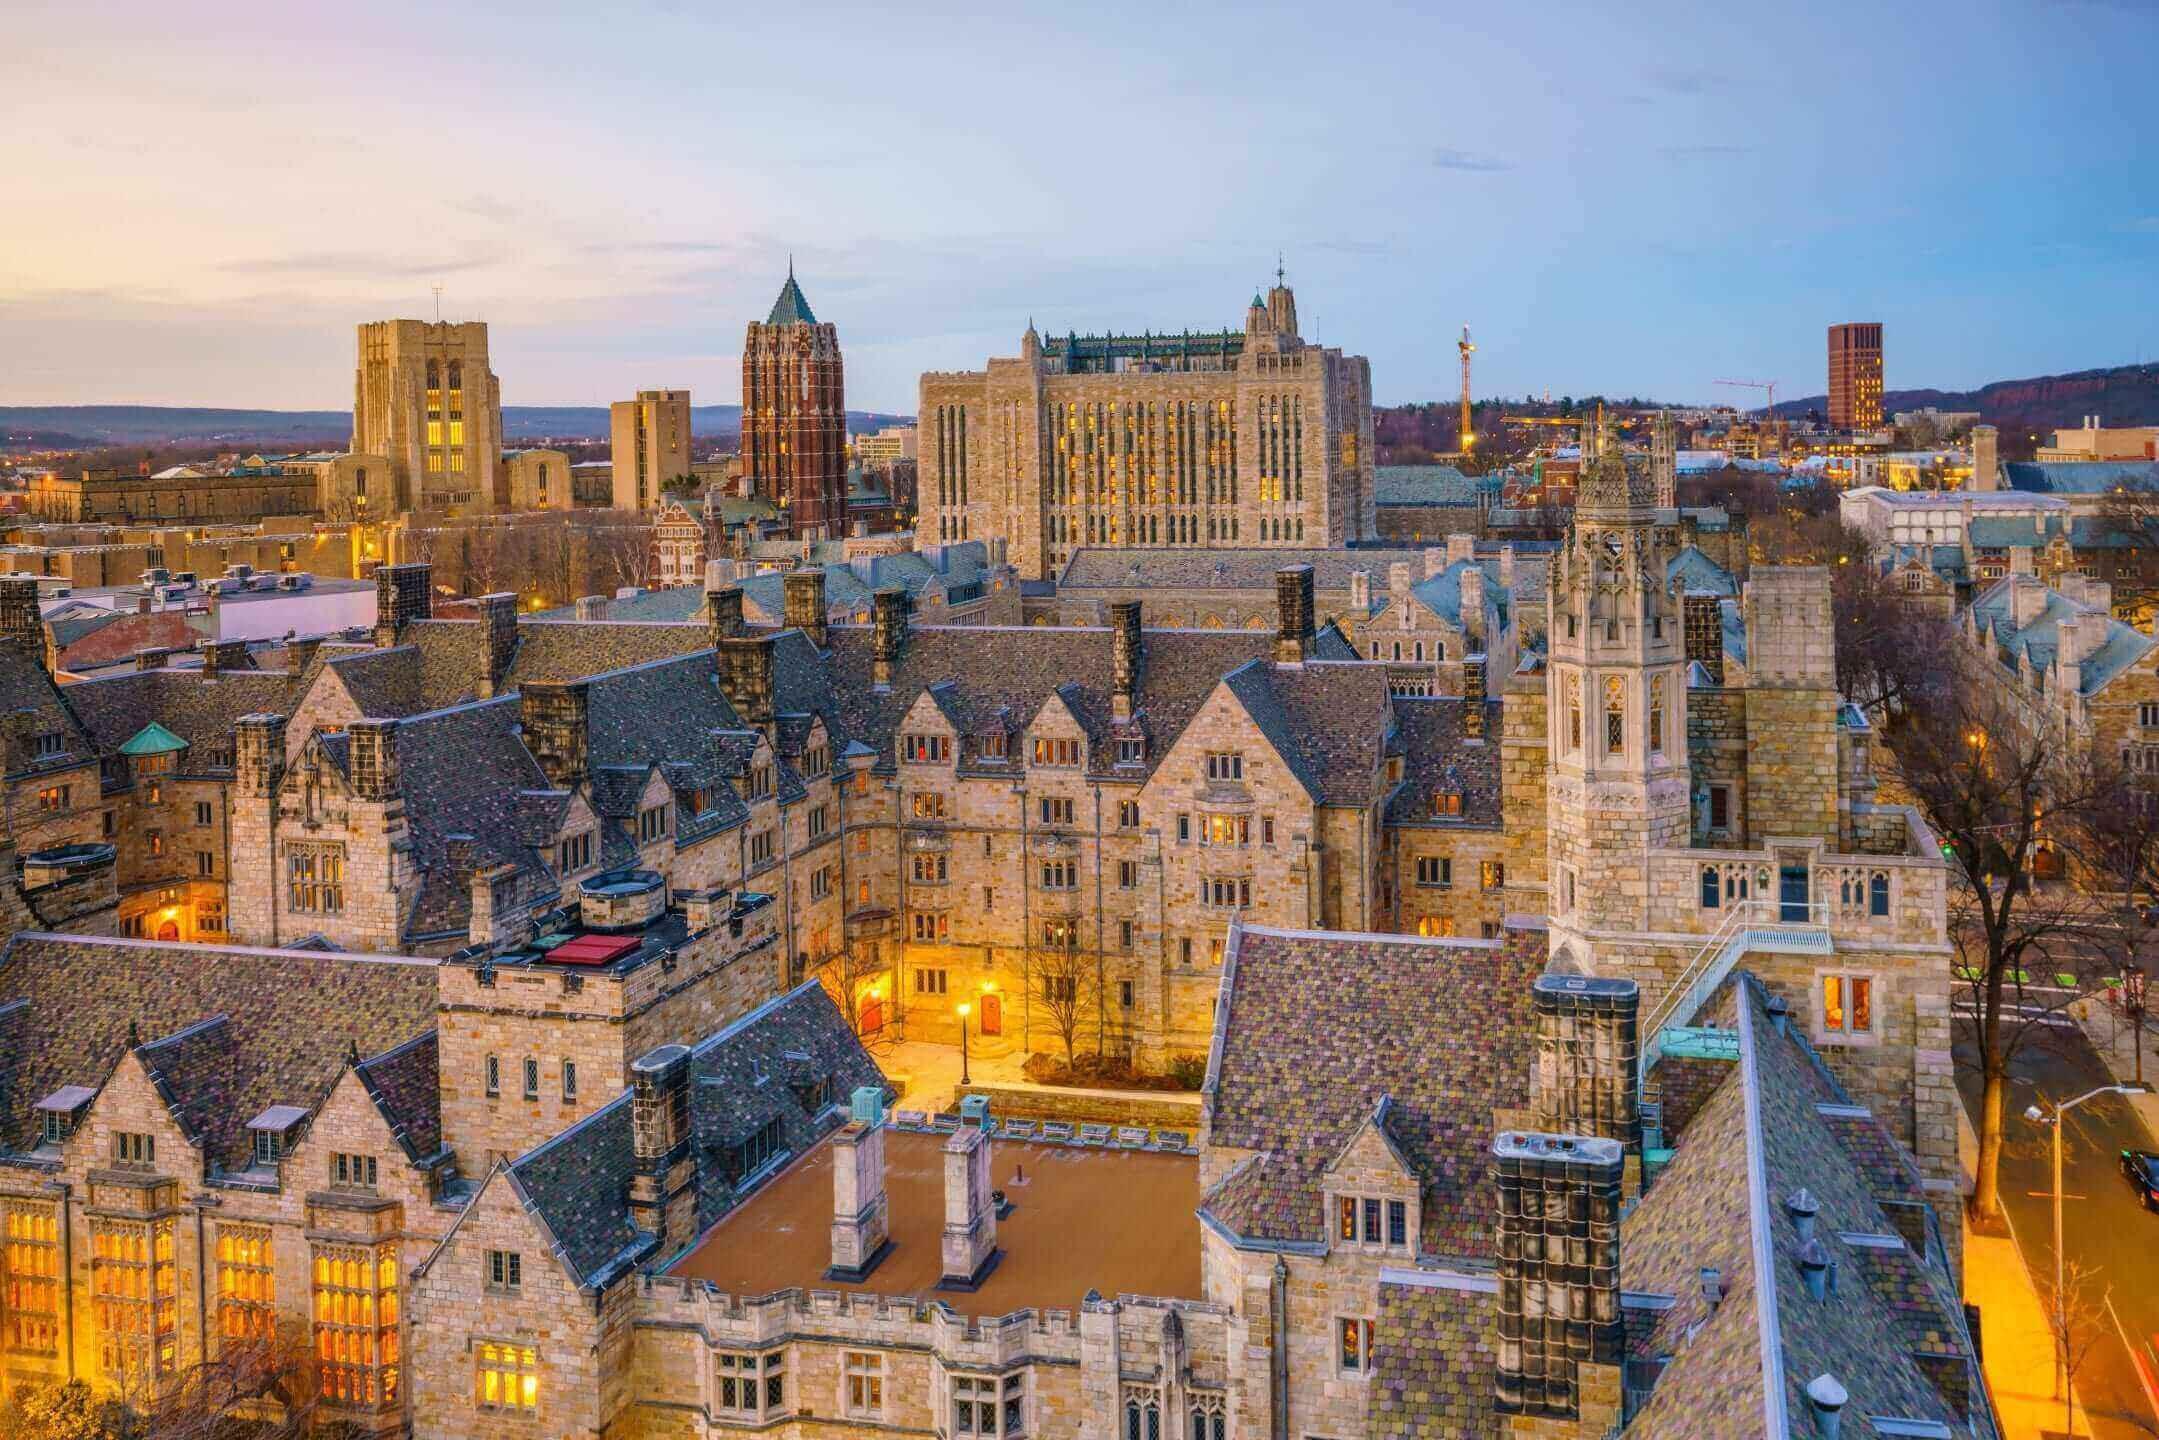 Yale University Ludowici Roof Tile